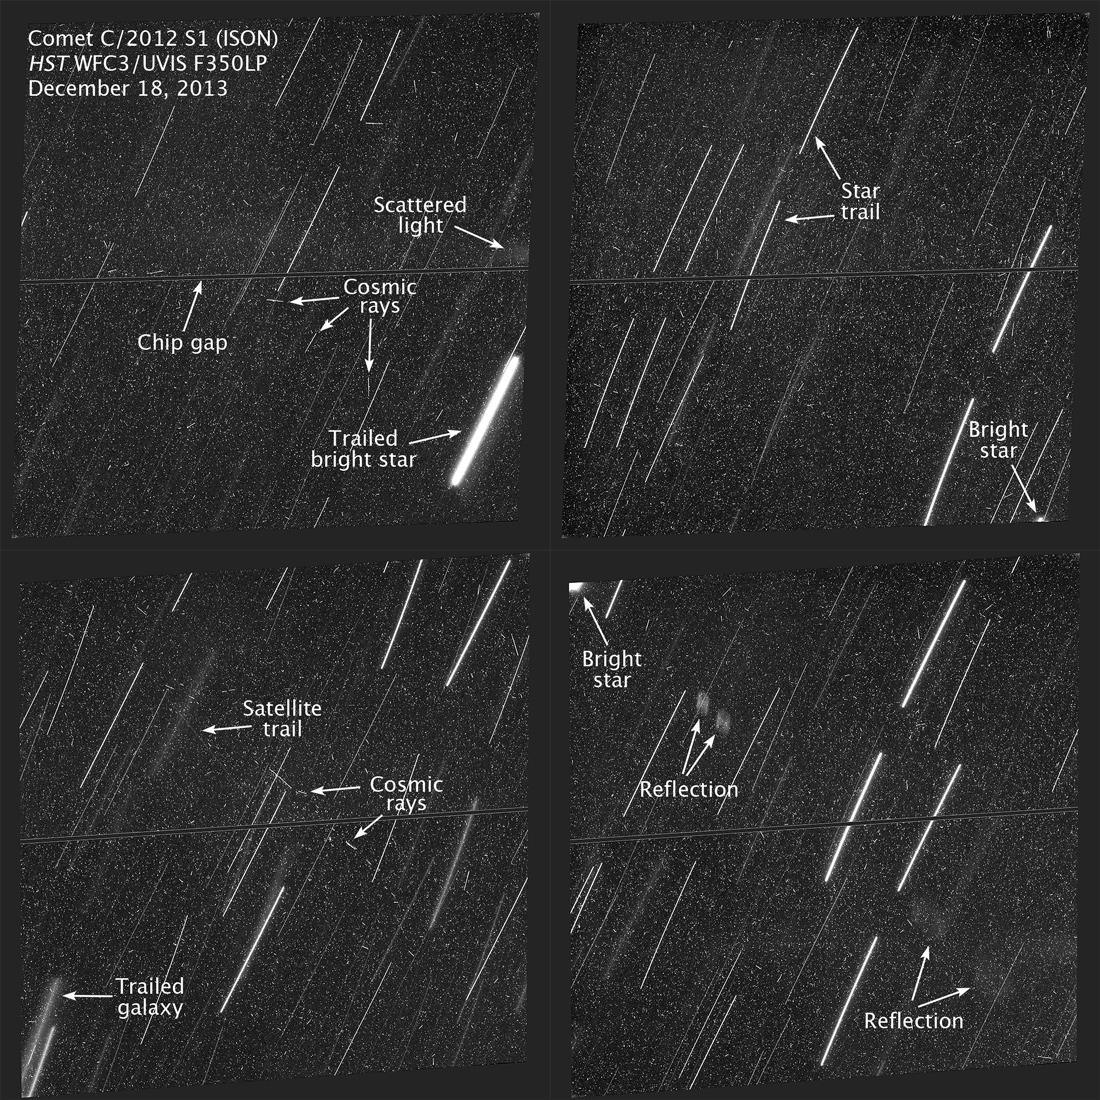 Снимок сделанный Хабблом с аннотацией